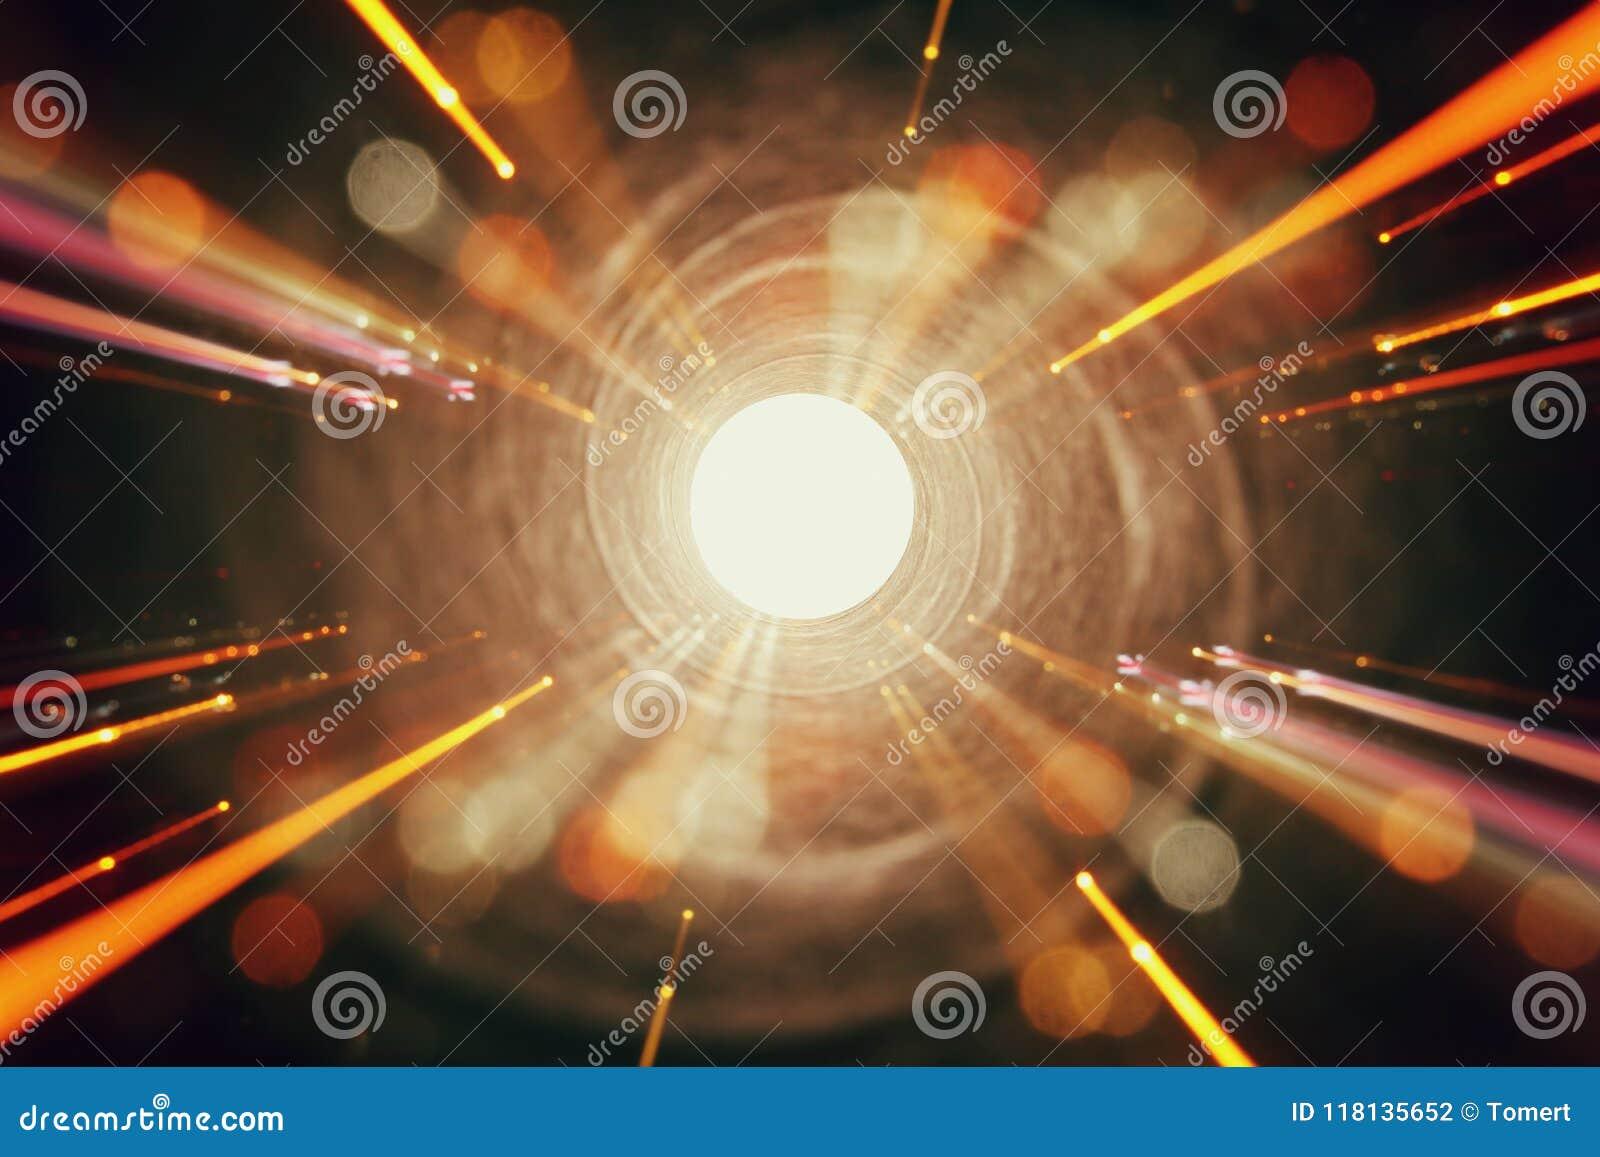 抽象火光透镜 空间或时间在暗色和明亮的光的旅行背景的概念图象